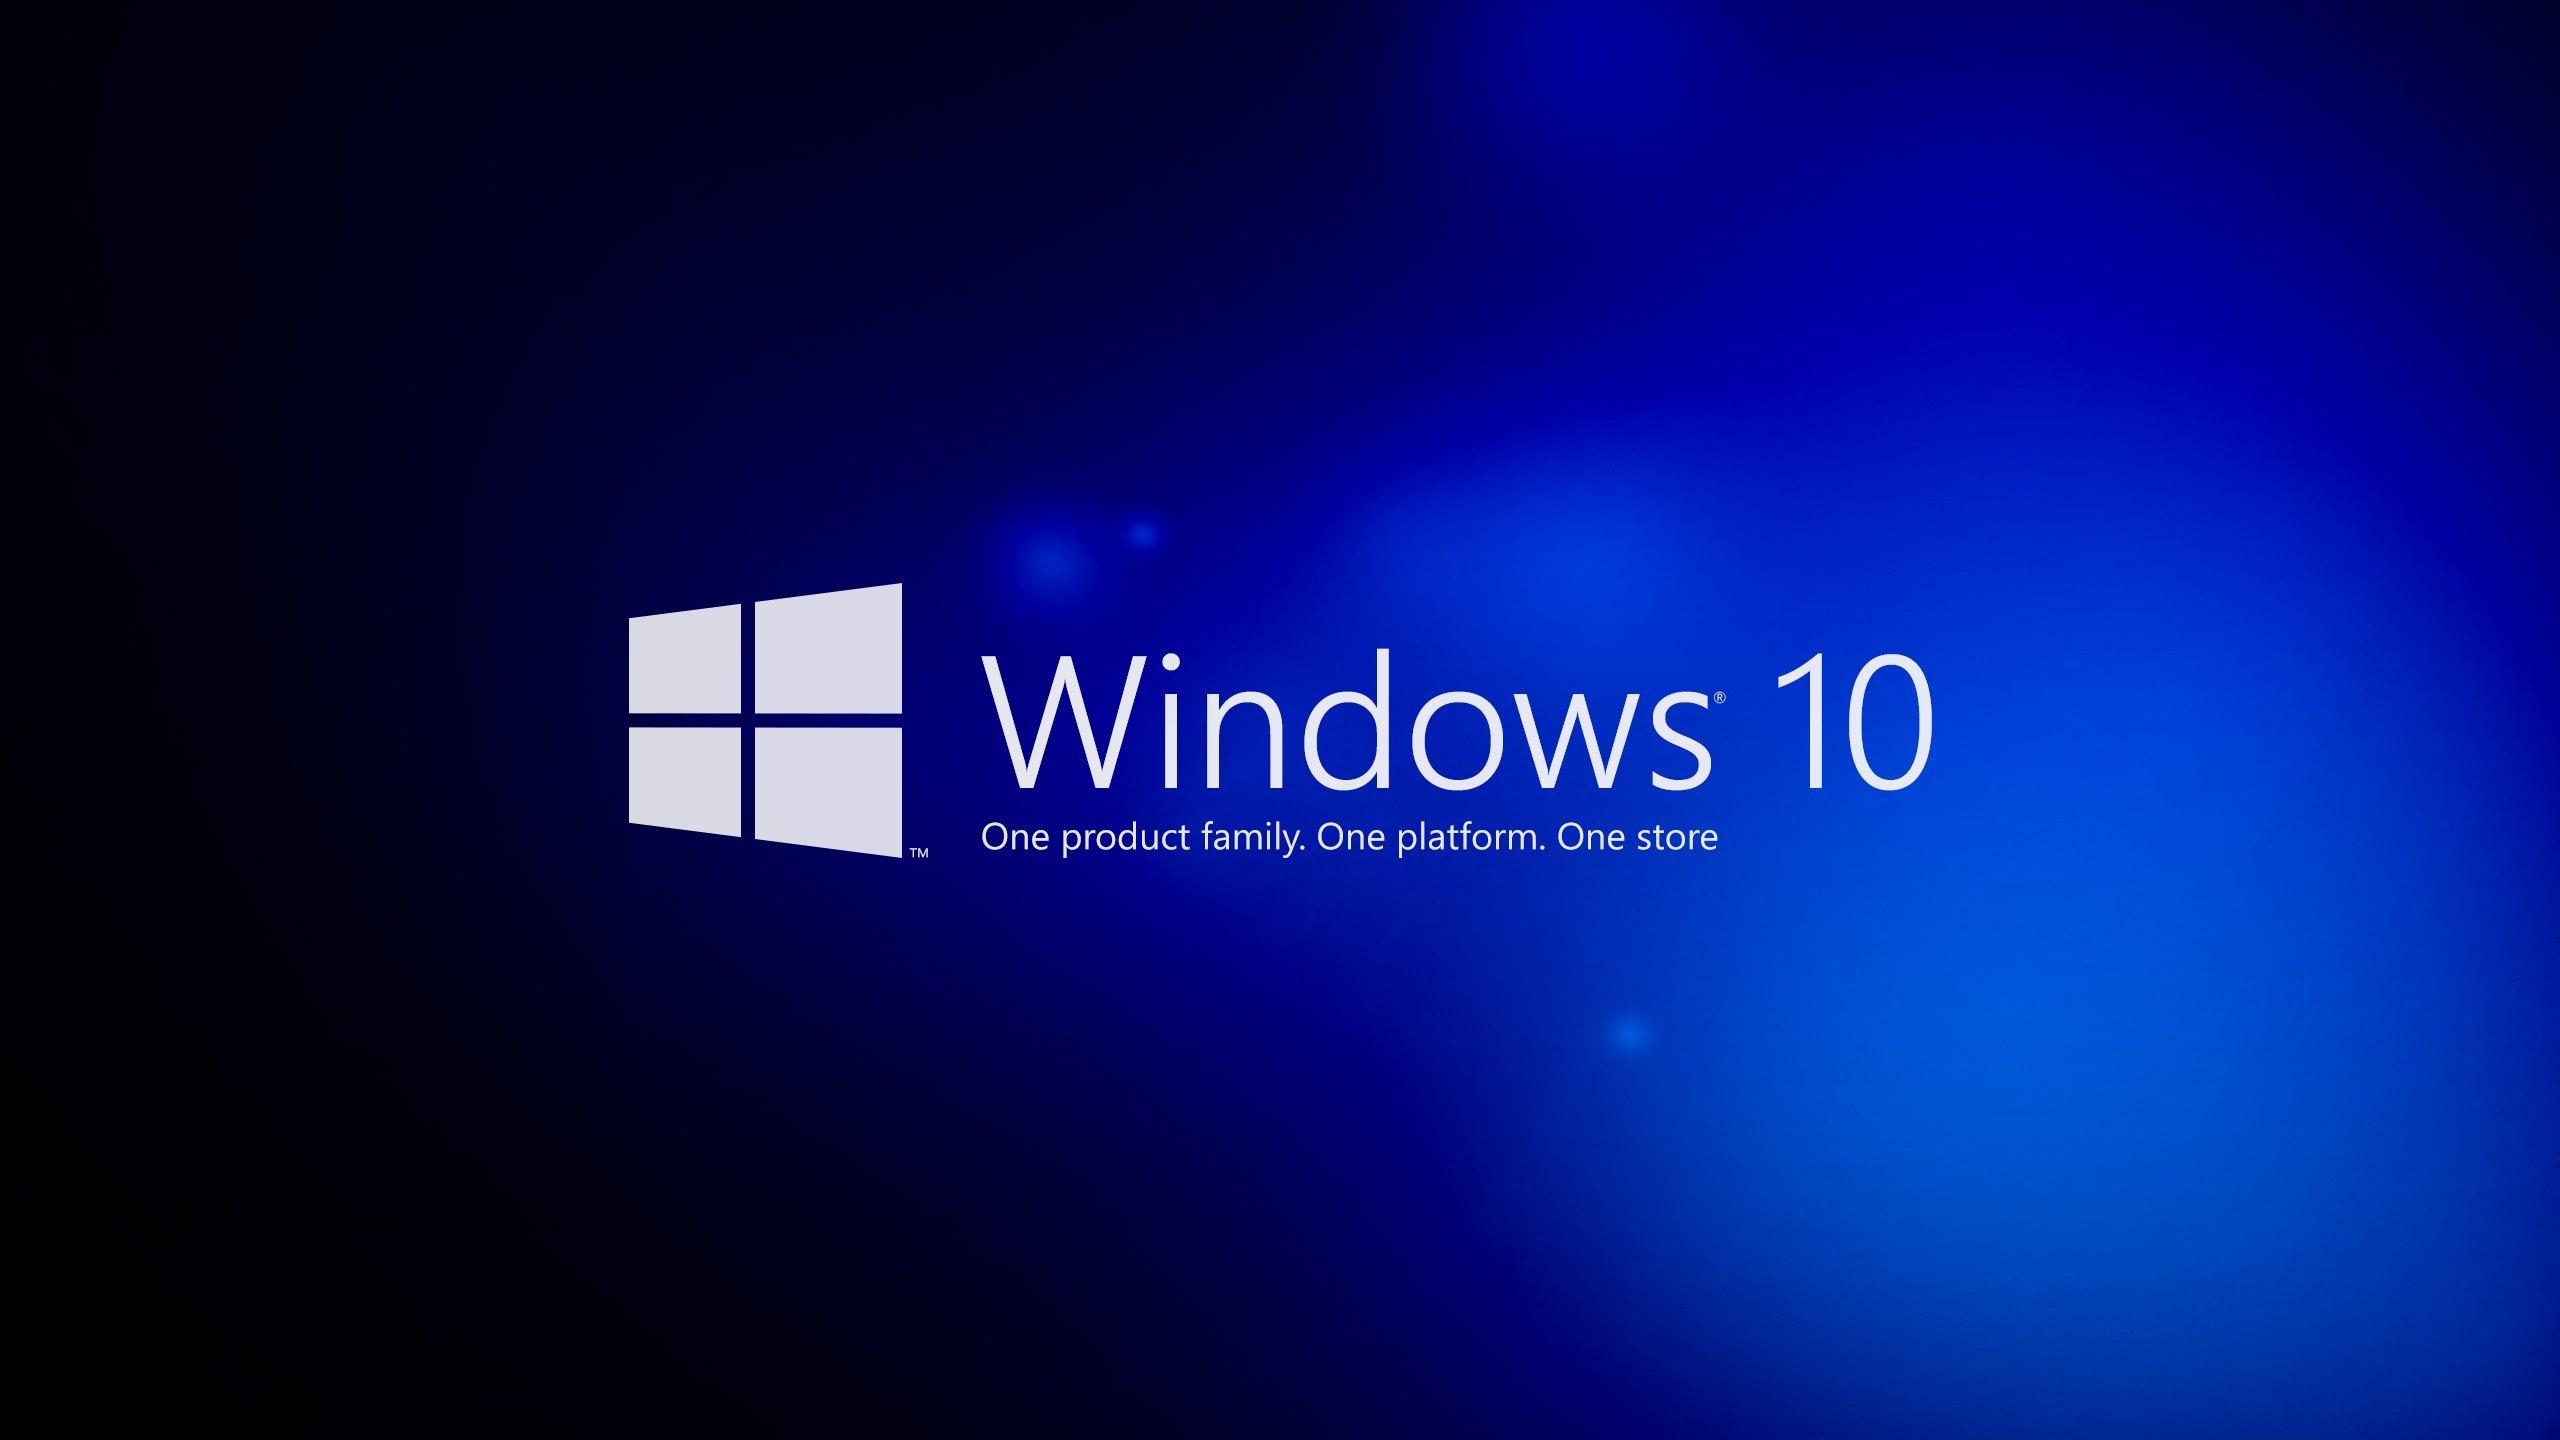 wallpaper for laptop windows 10,logo,text,blue,font,cobalt blue